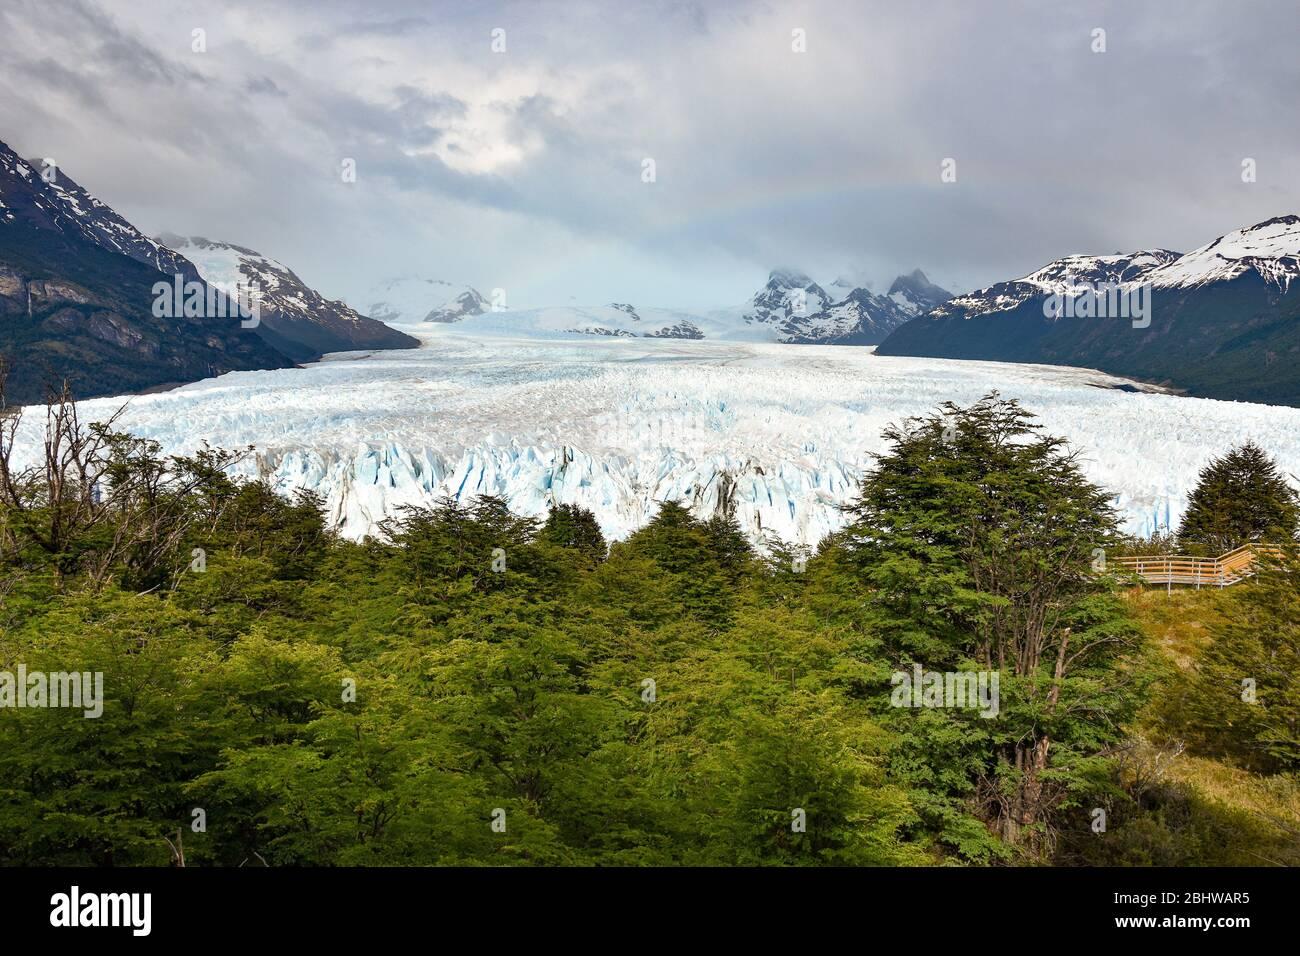 Paysage avec le glacier Perito Moreno, les montagnes des andes, la forêt et l'arc-en-ciel, la Patagonie, l'Argentine Banque D'Images